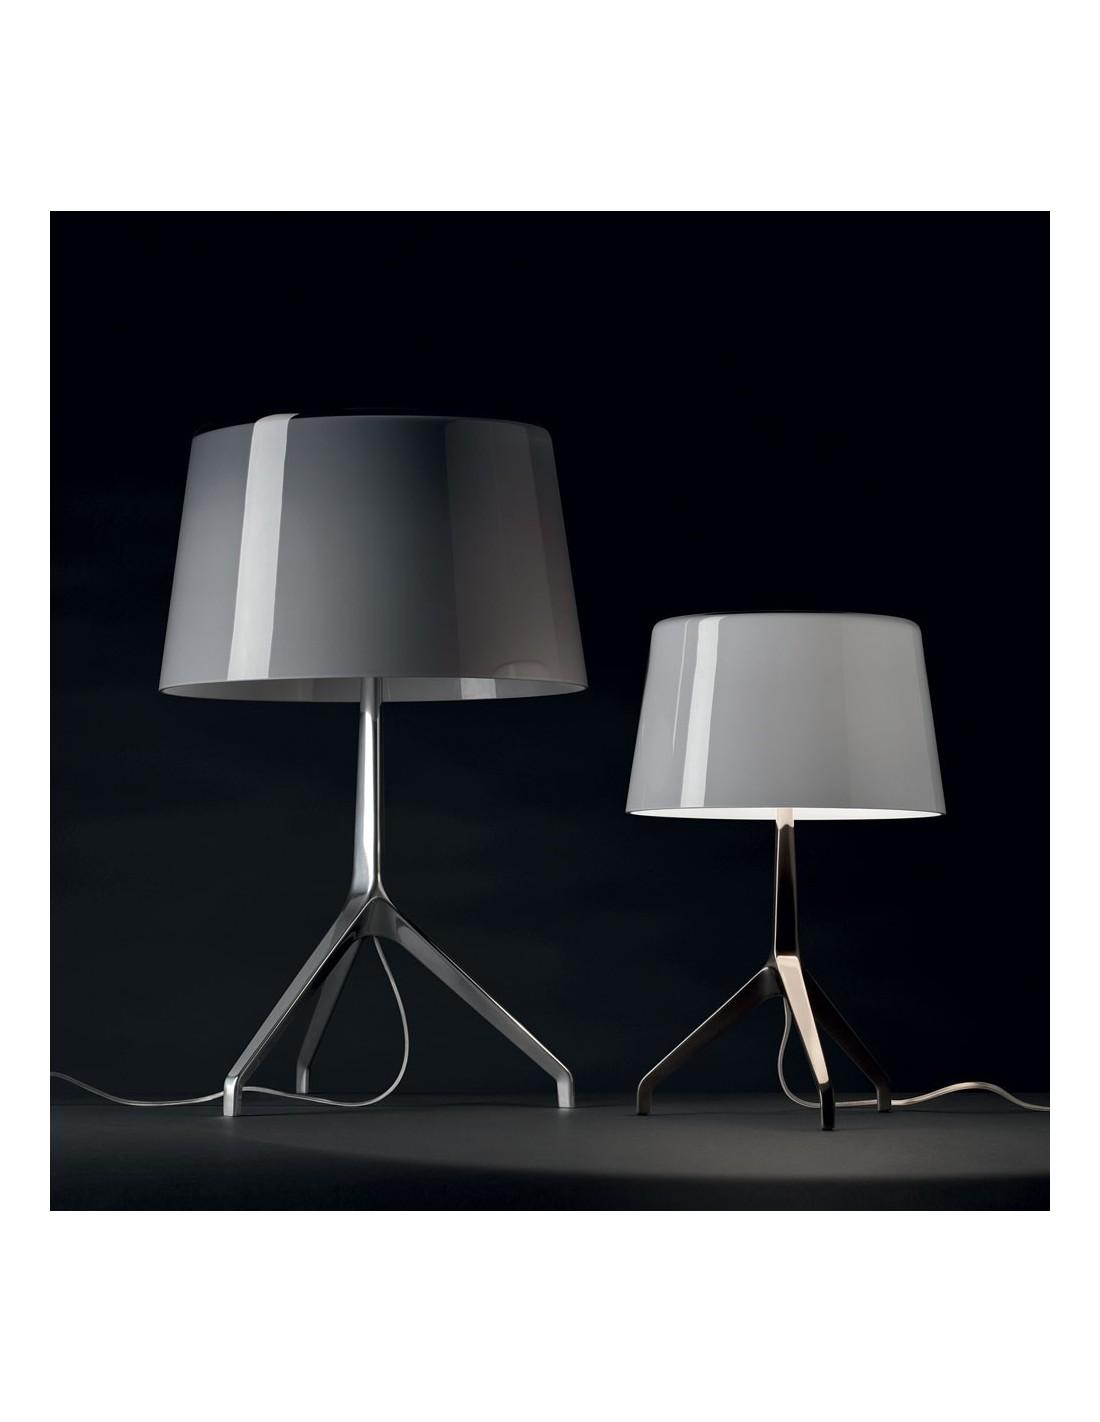 lampe de table lumi re xxs chrome noir et gris. Black Bedroom Furniture Sets. Home Design Ideas